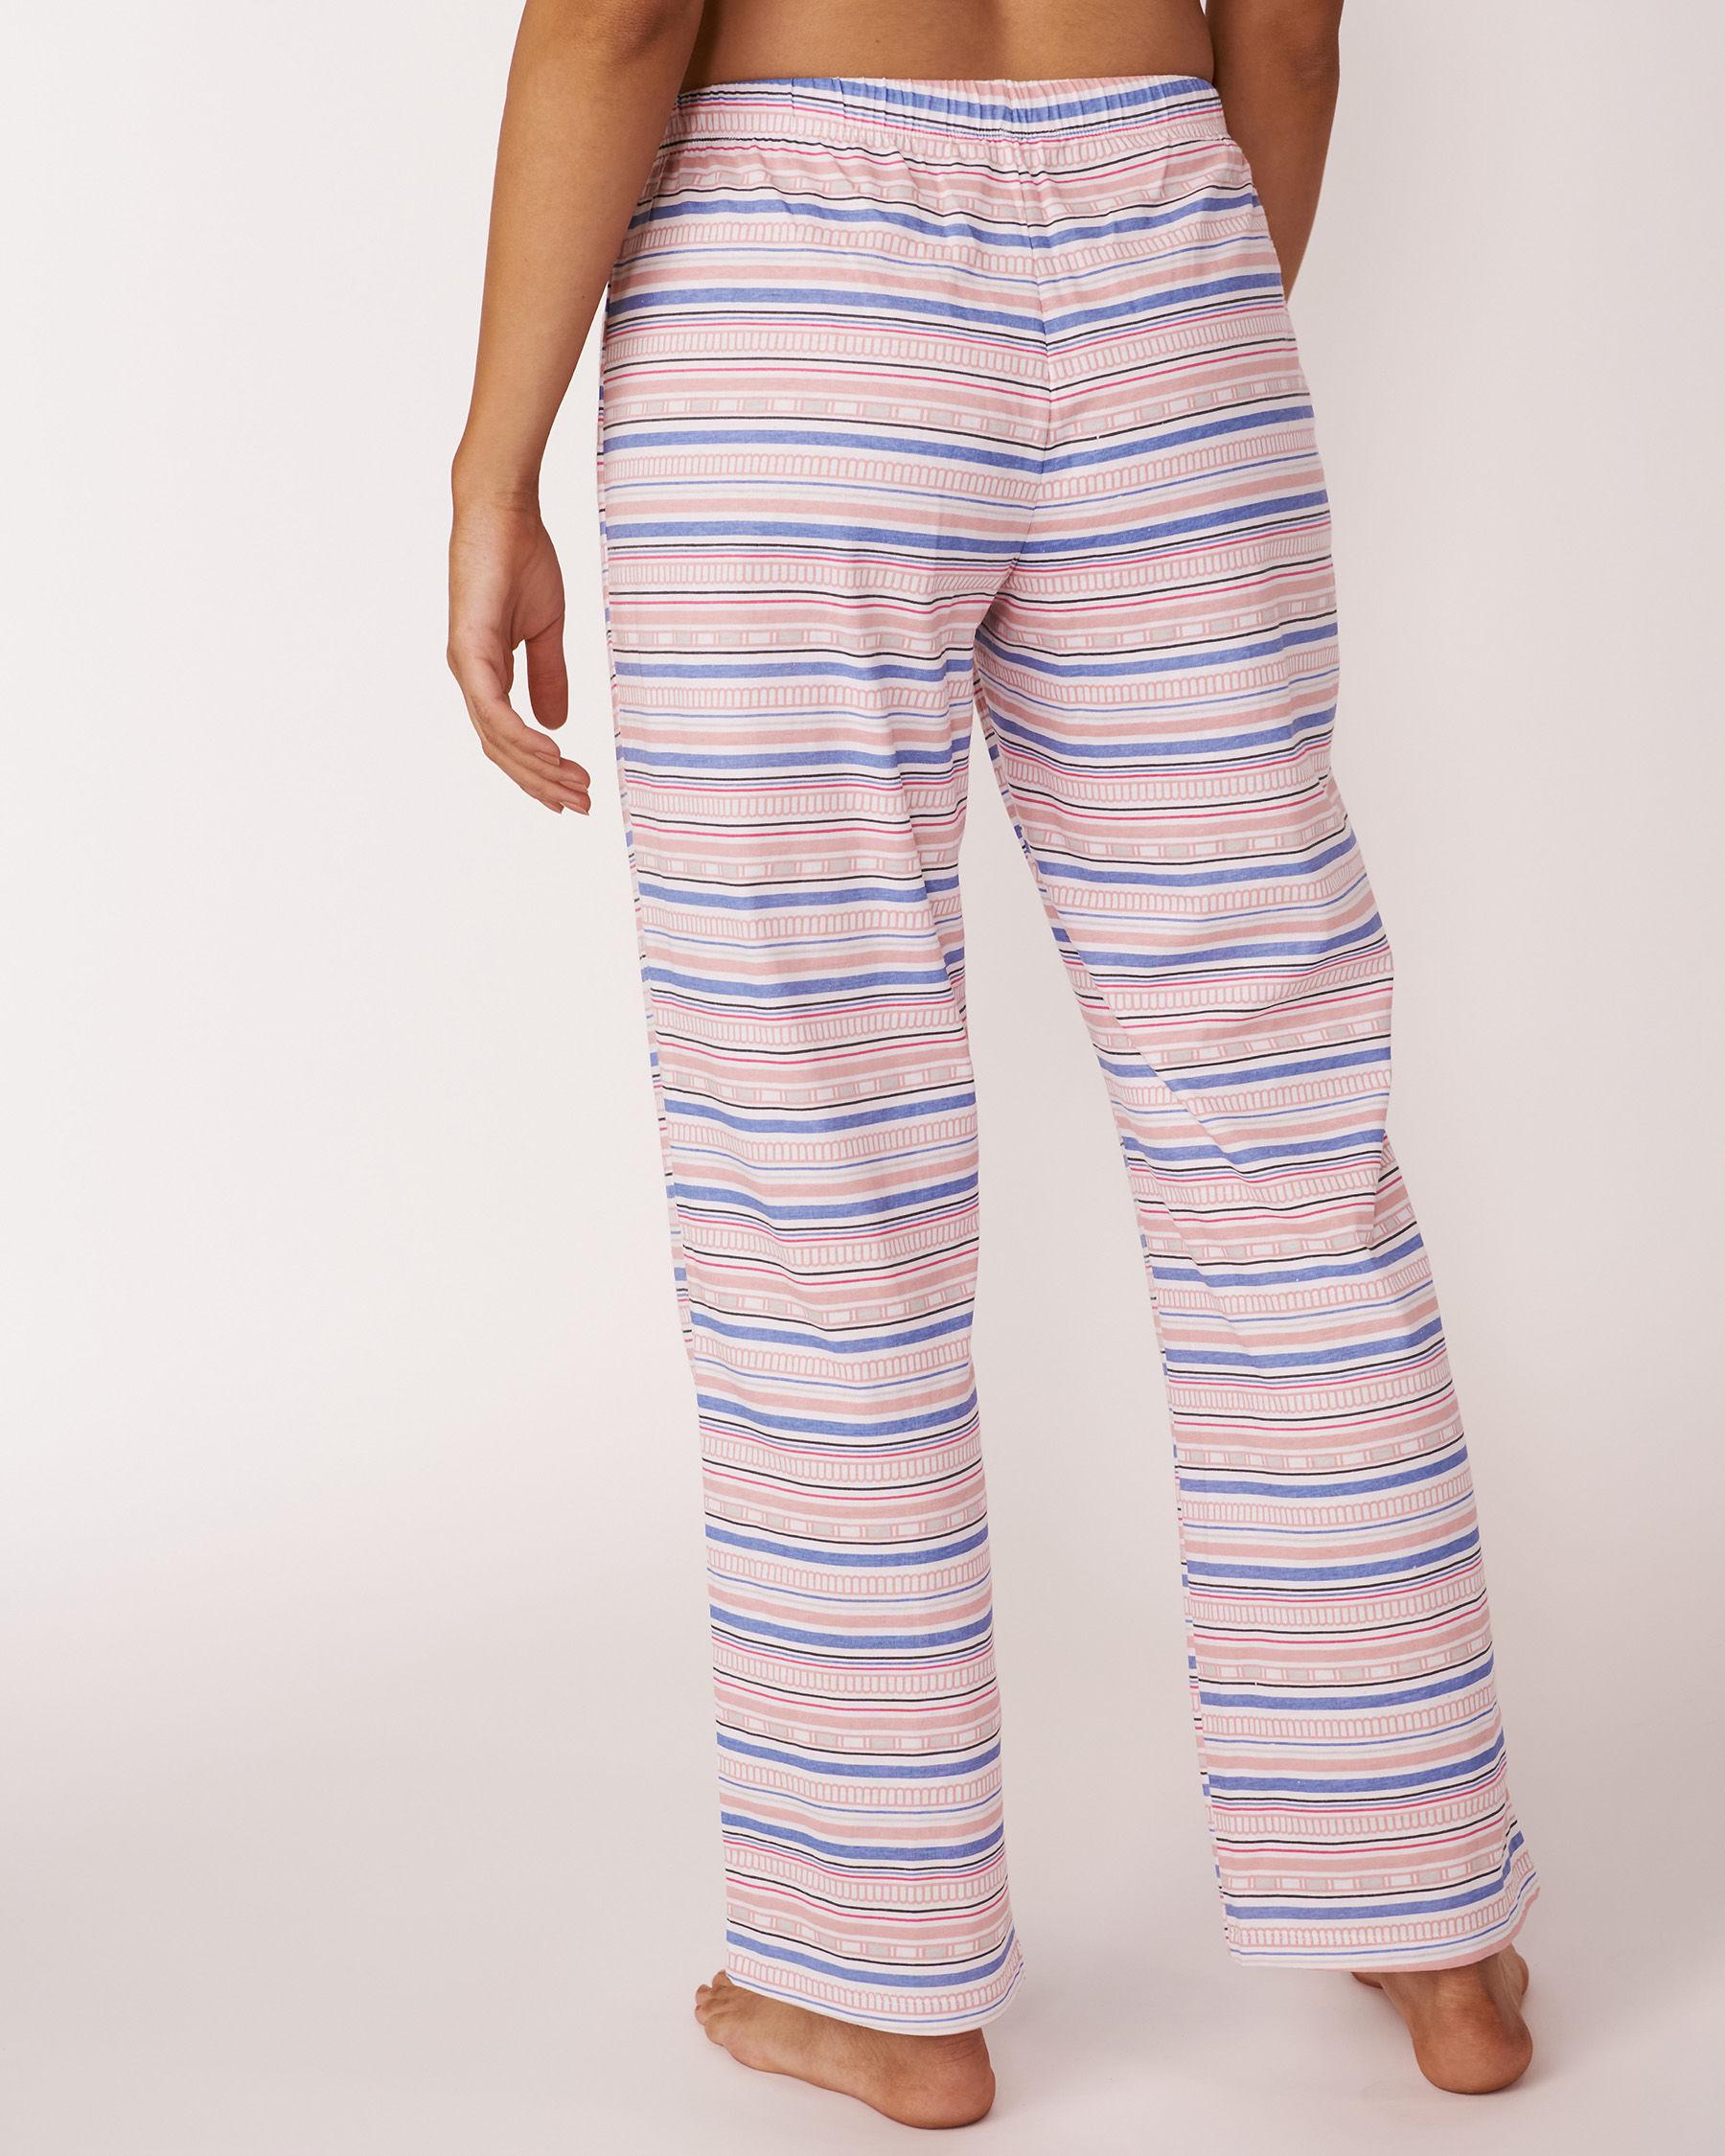 LA VIE EN ROSE Pantalon jambe droite Imprimé multicolore 40200018 - Voir2